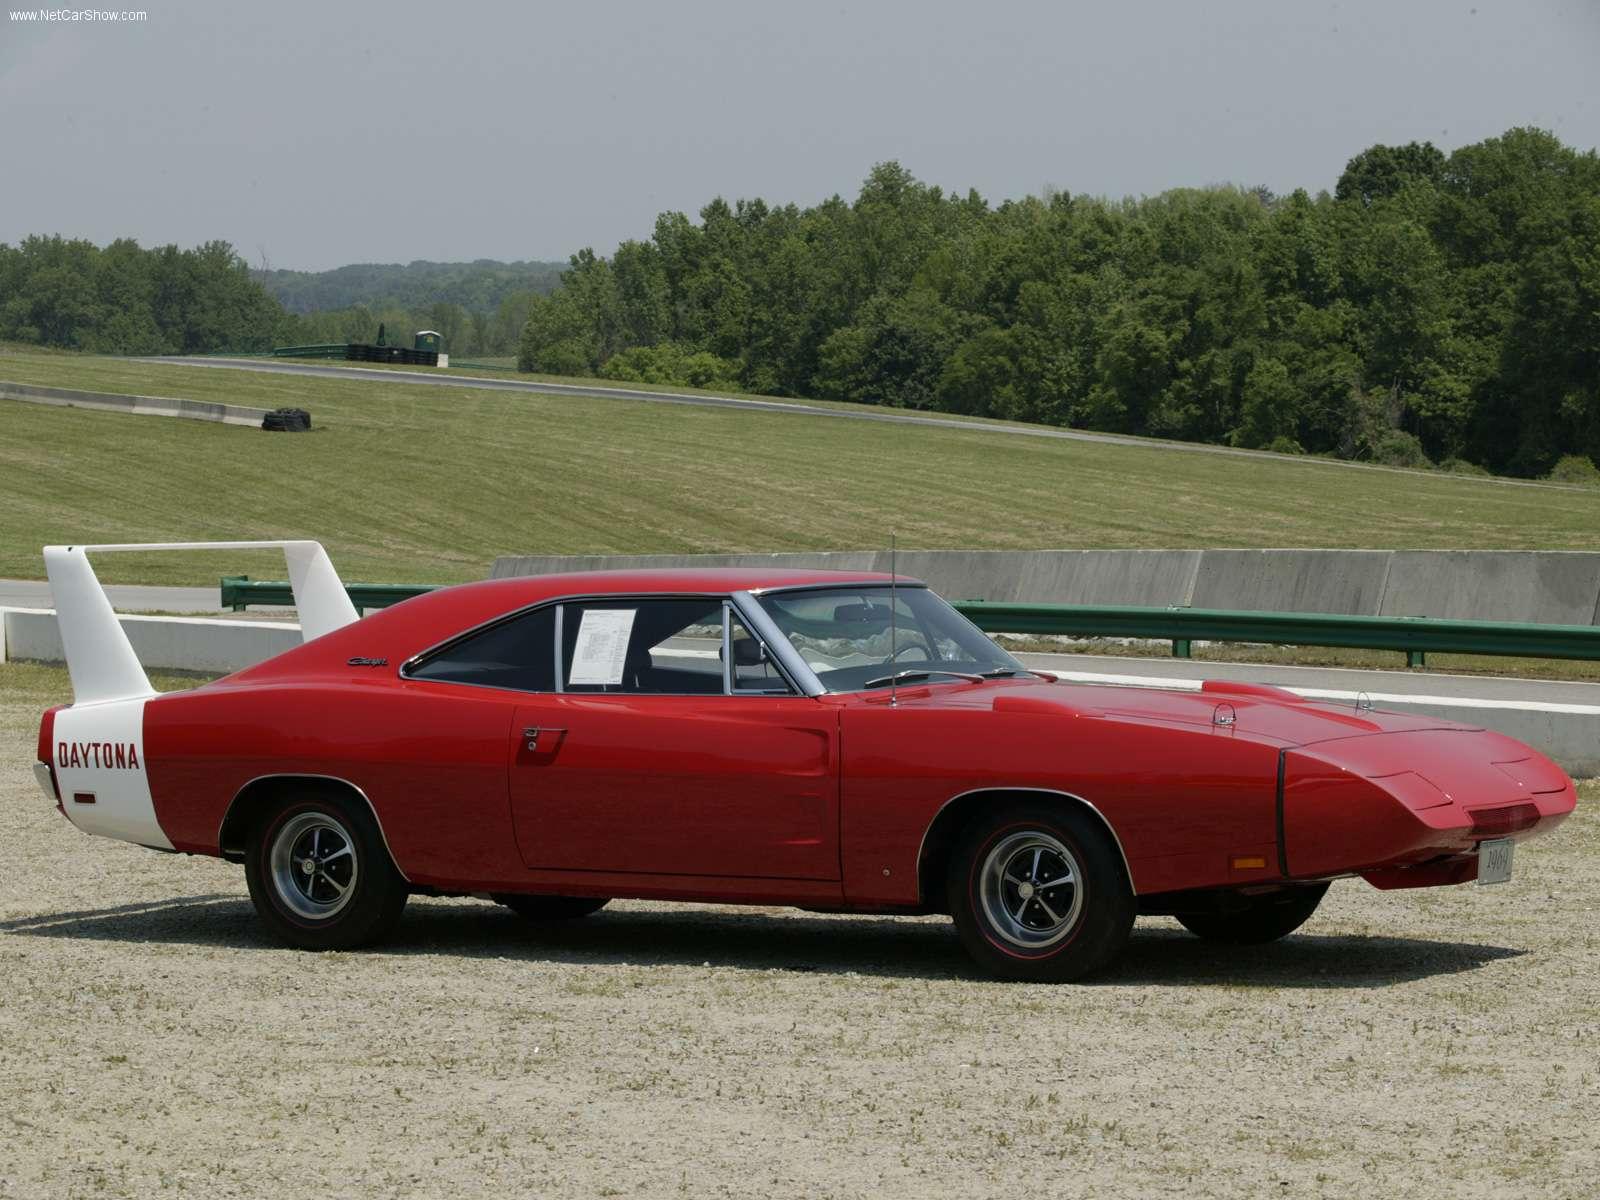 Dodge Charger Daytona I 1969 - 1970 Coupe #4